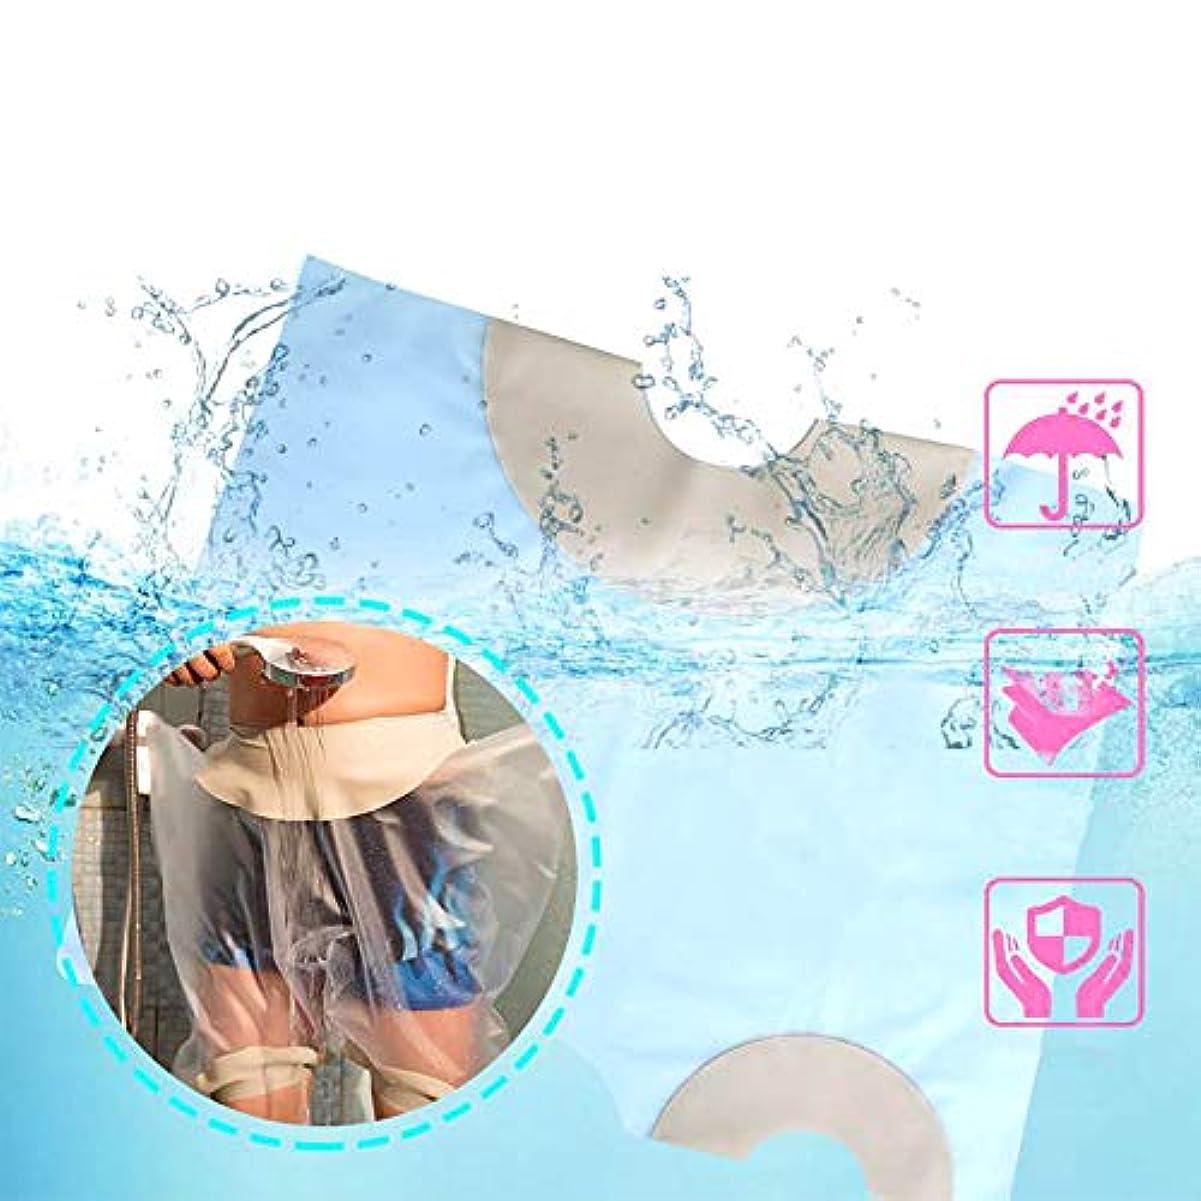 葬儀蓄積する歌防水キャストバッグ包帯プロテクター防水大人のプラスチック製の保護ドライバッグ防水、耐、水中シール,M